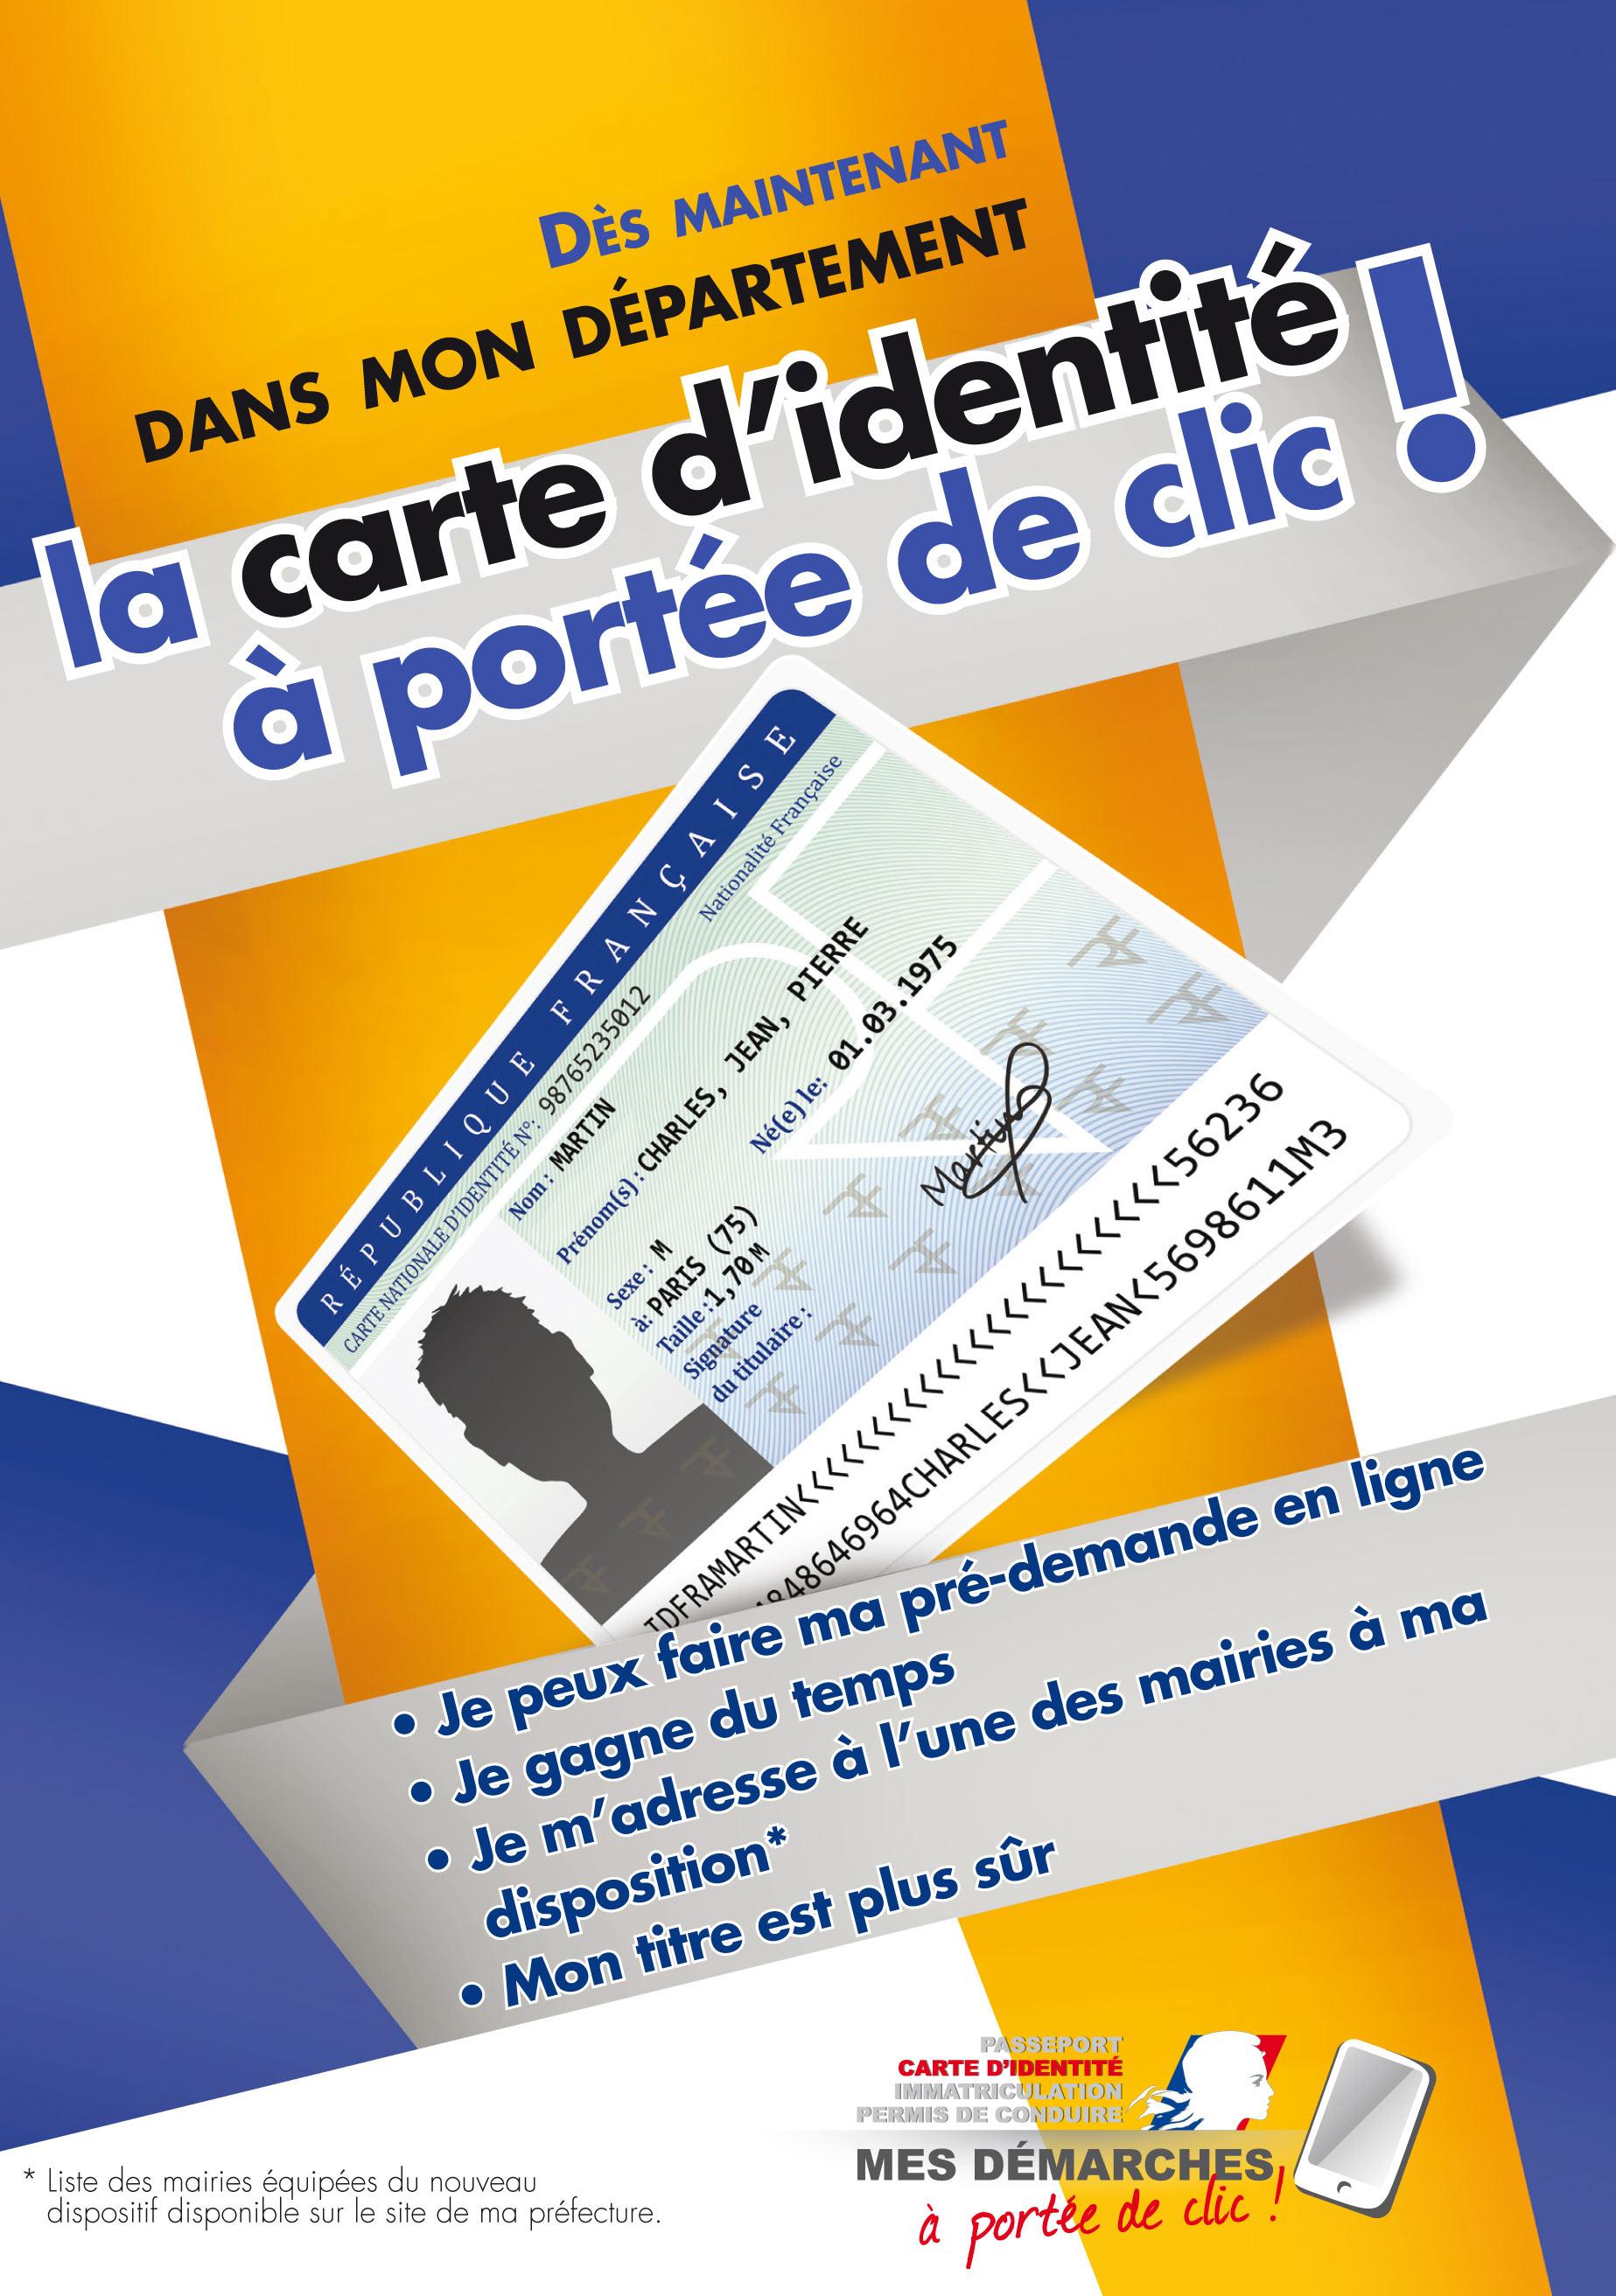 La Procedure De Premiere Demande Et Renouvellement Carte Nationale Didentite Evolue Dans Le Cadre Du Plan Prefecture Nouvelle Generation